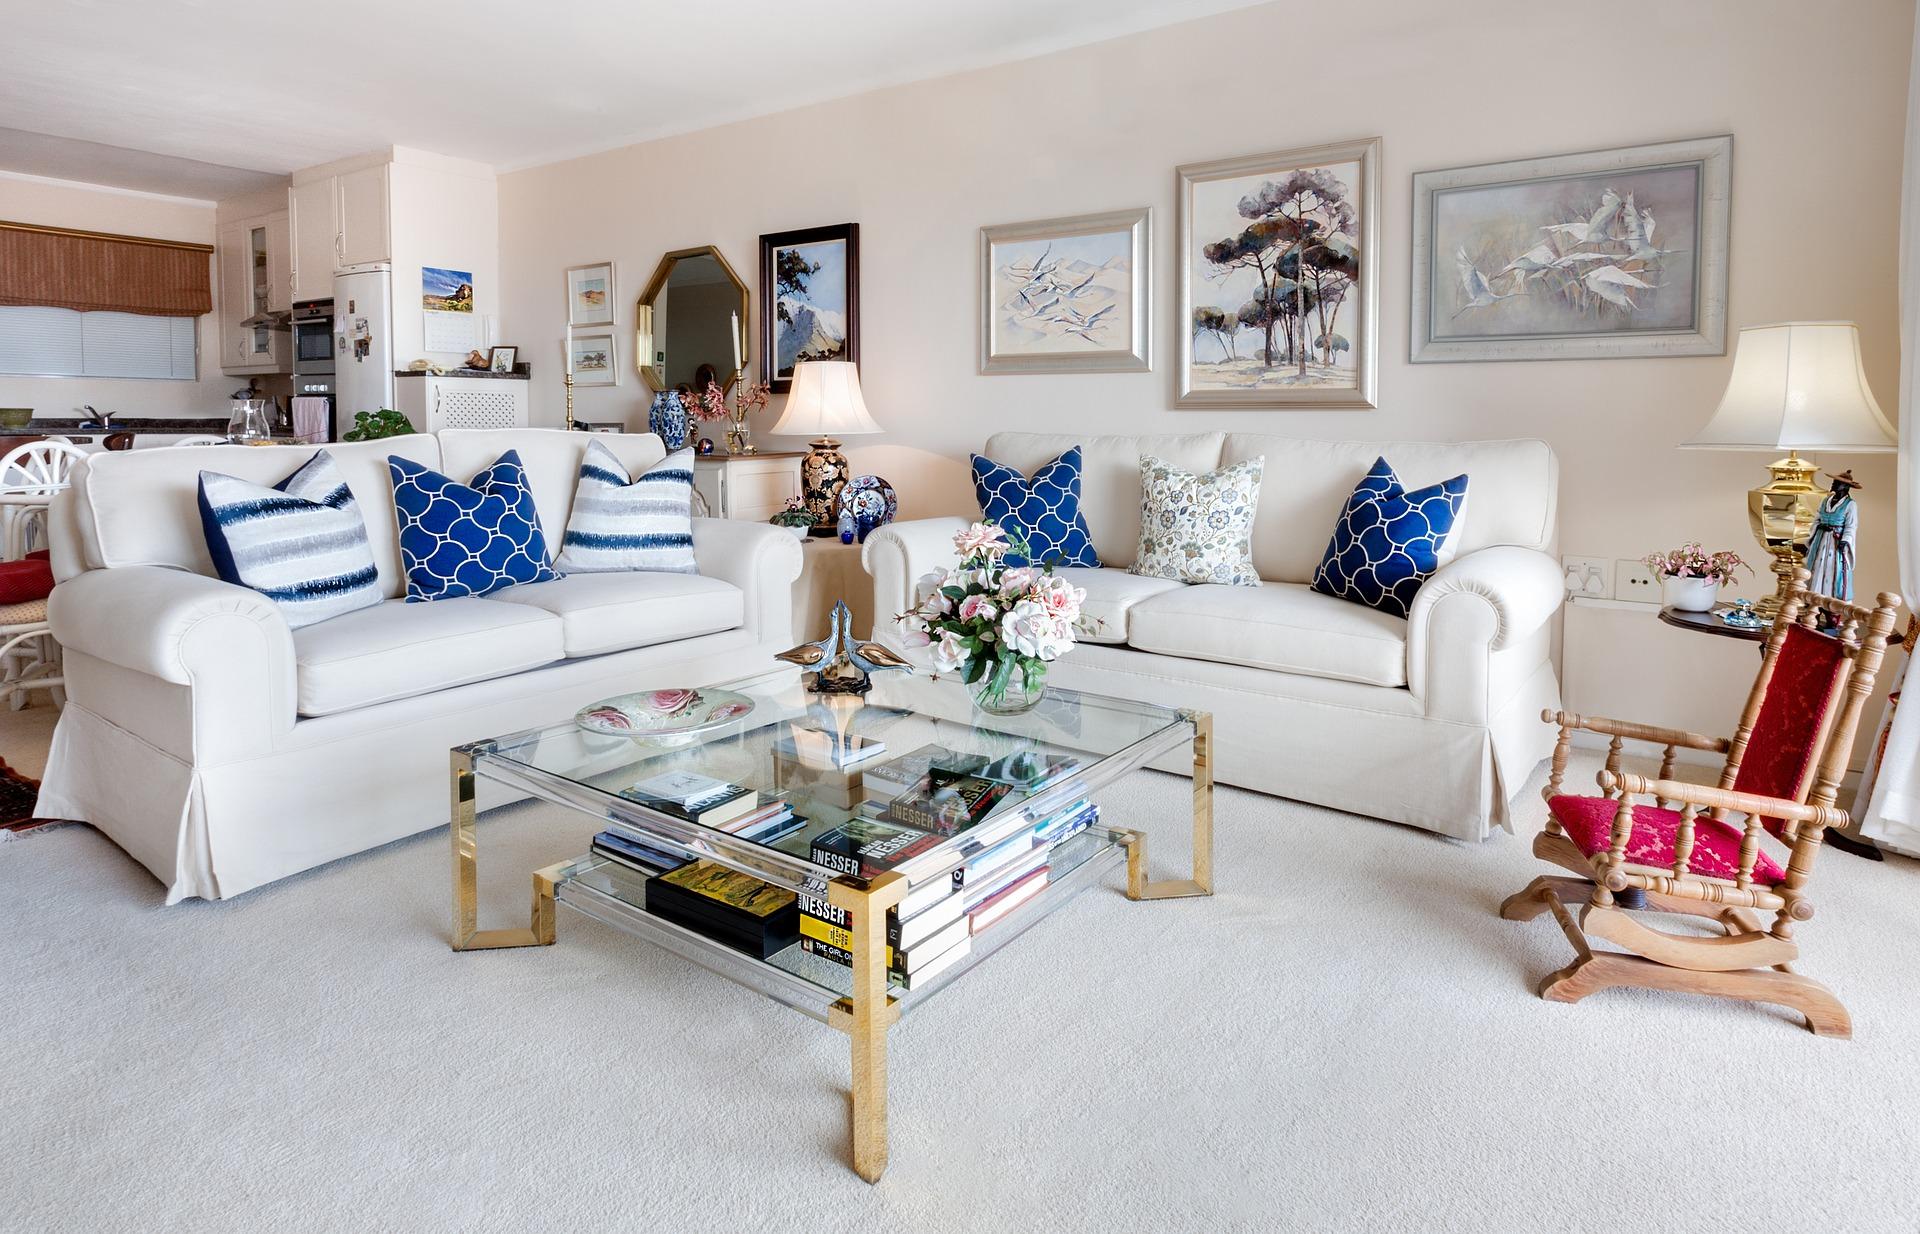 hyggelig stue med farver